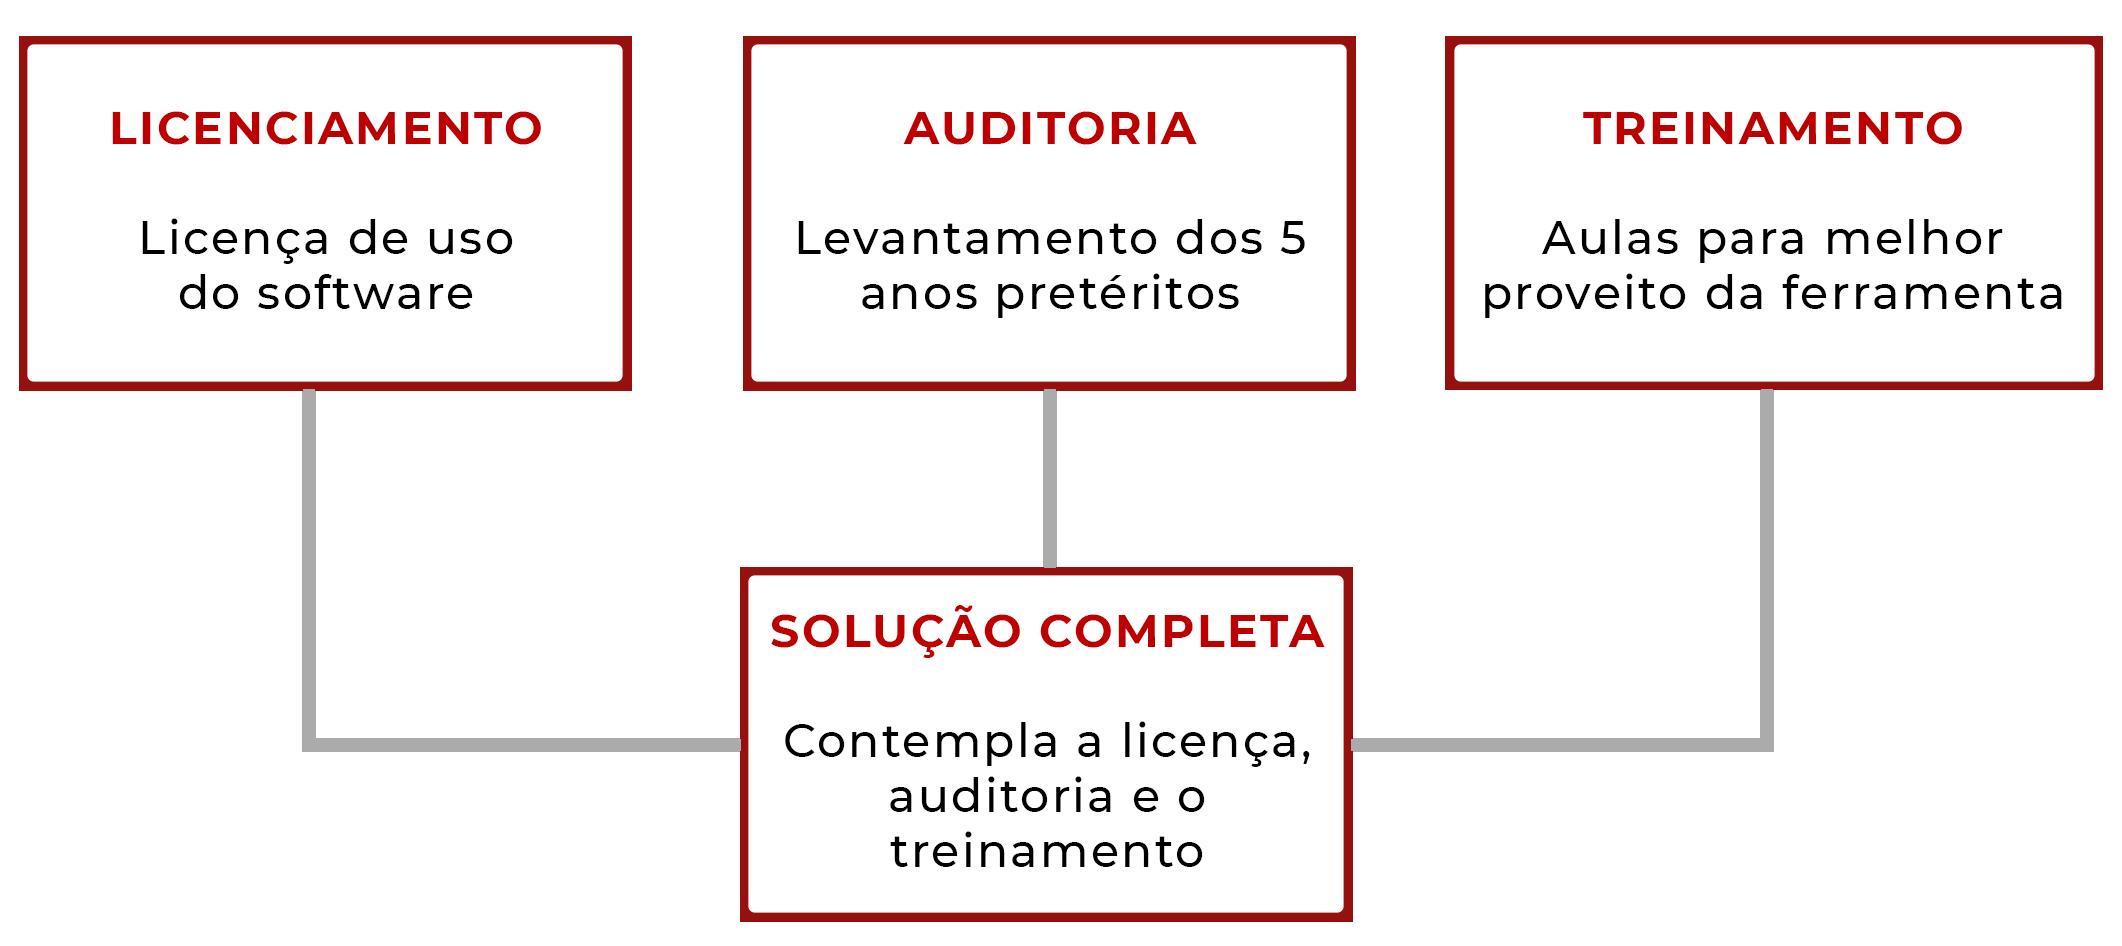 eficiencia-esquema-1